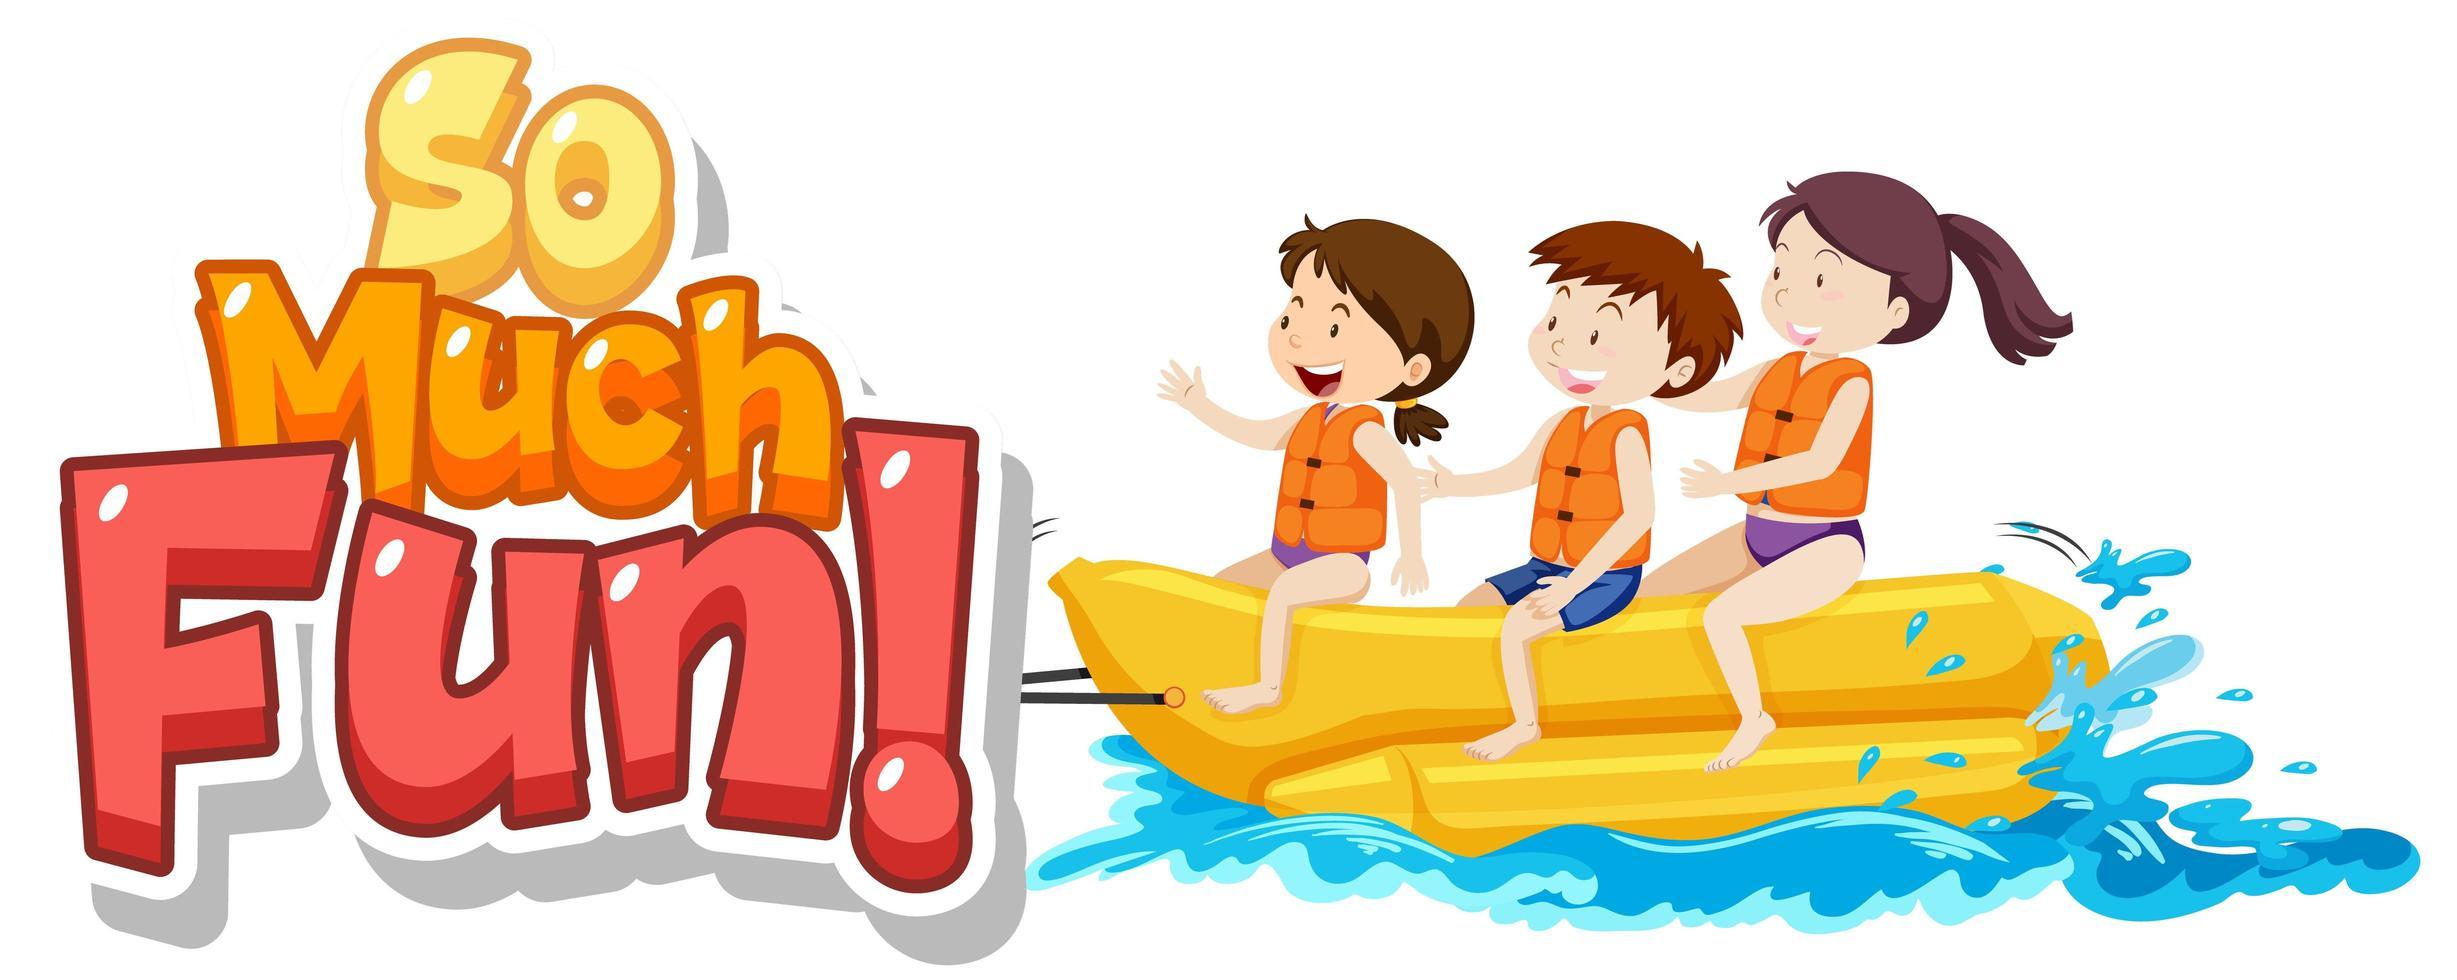 zoveel leuke tekst met kinderen die in water spelen vector